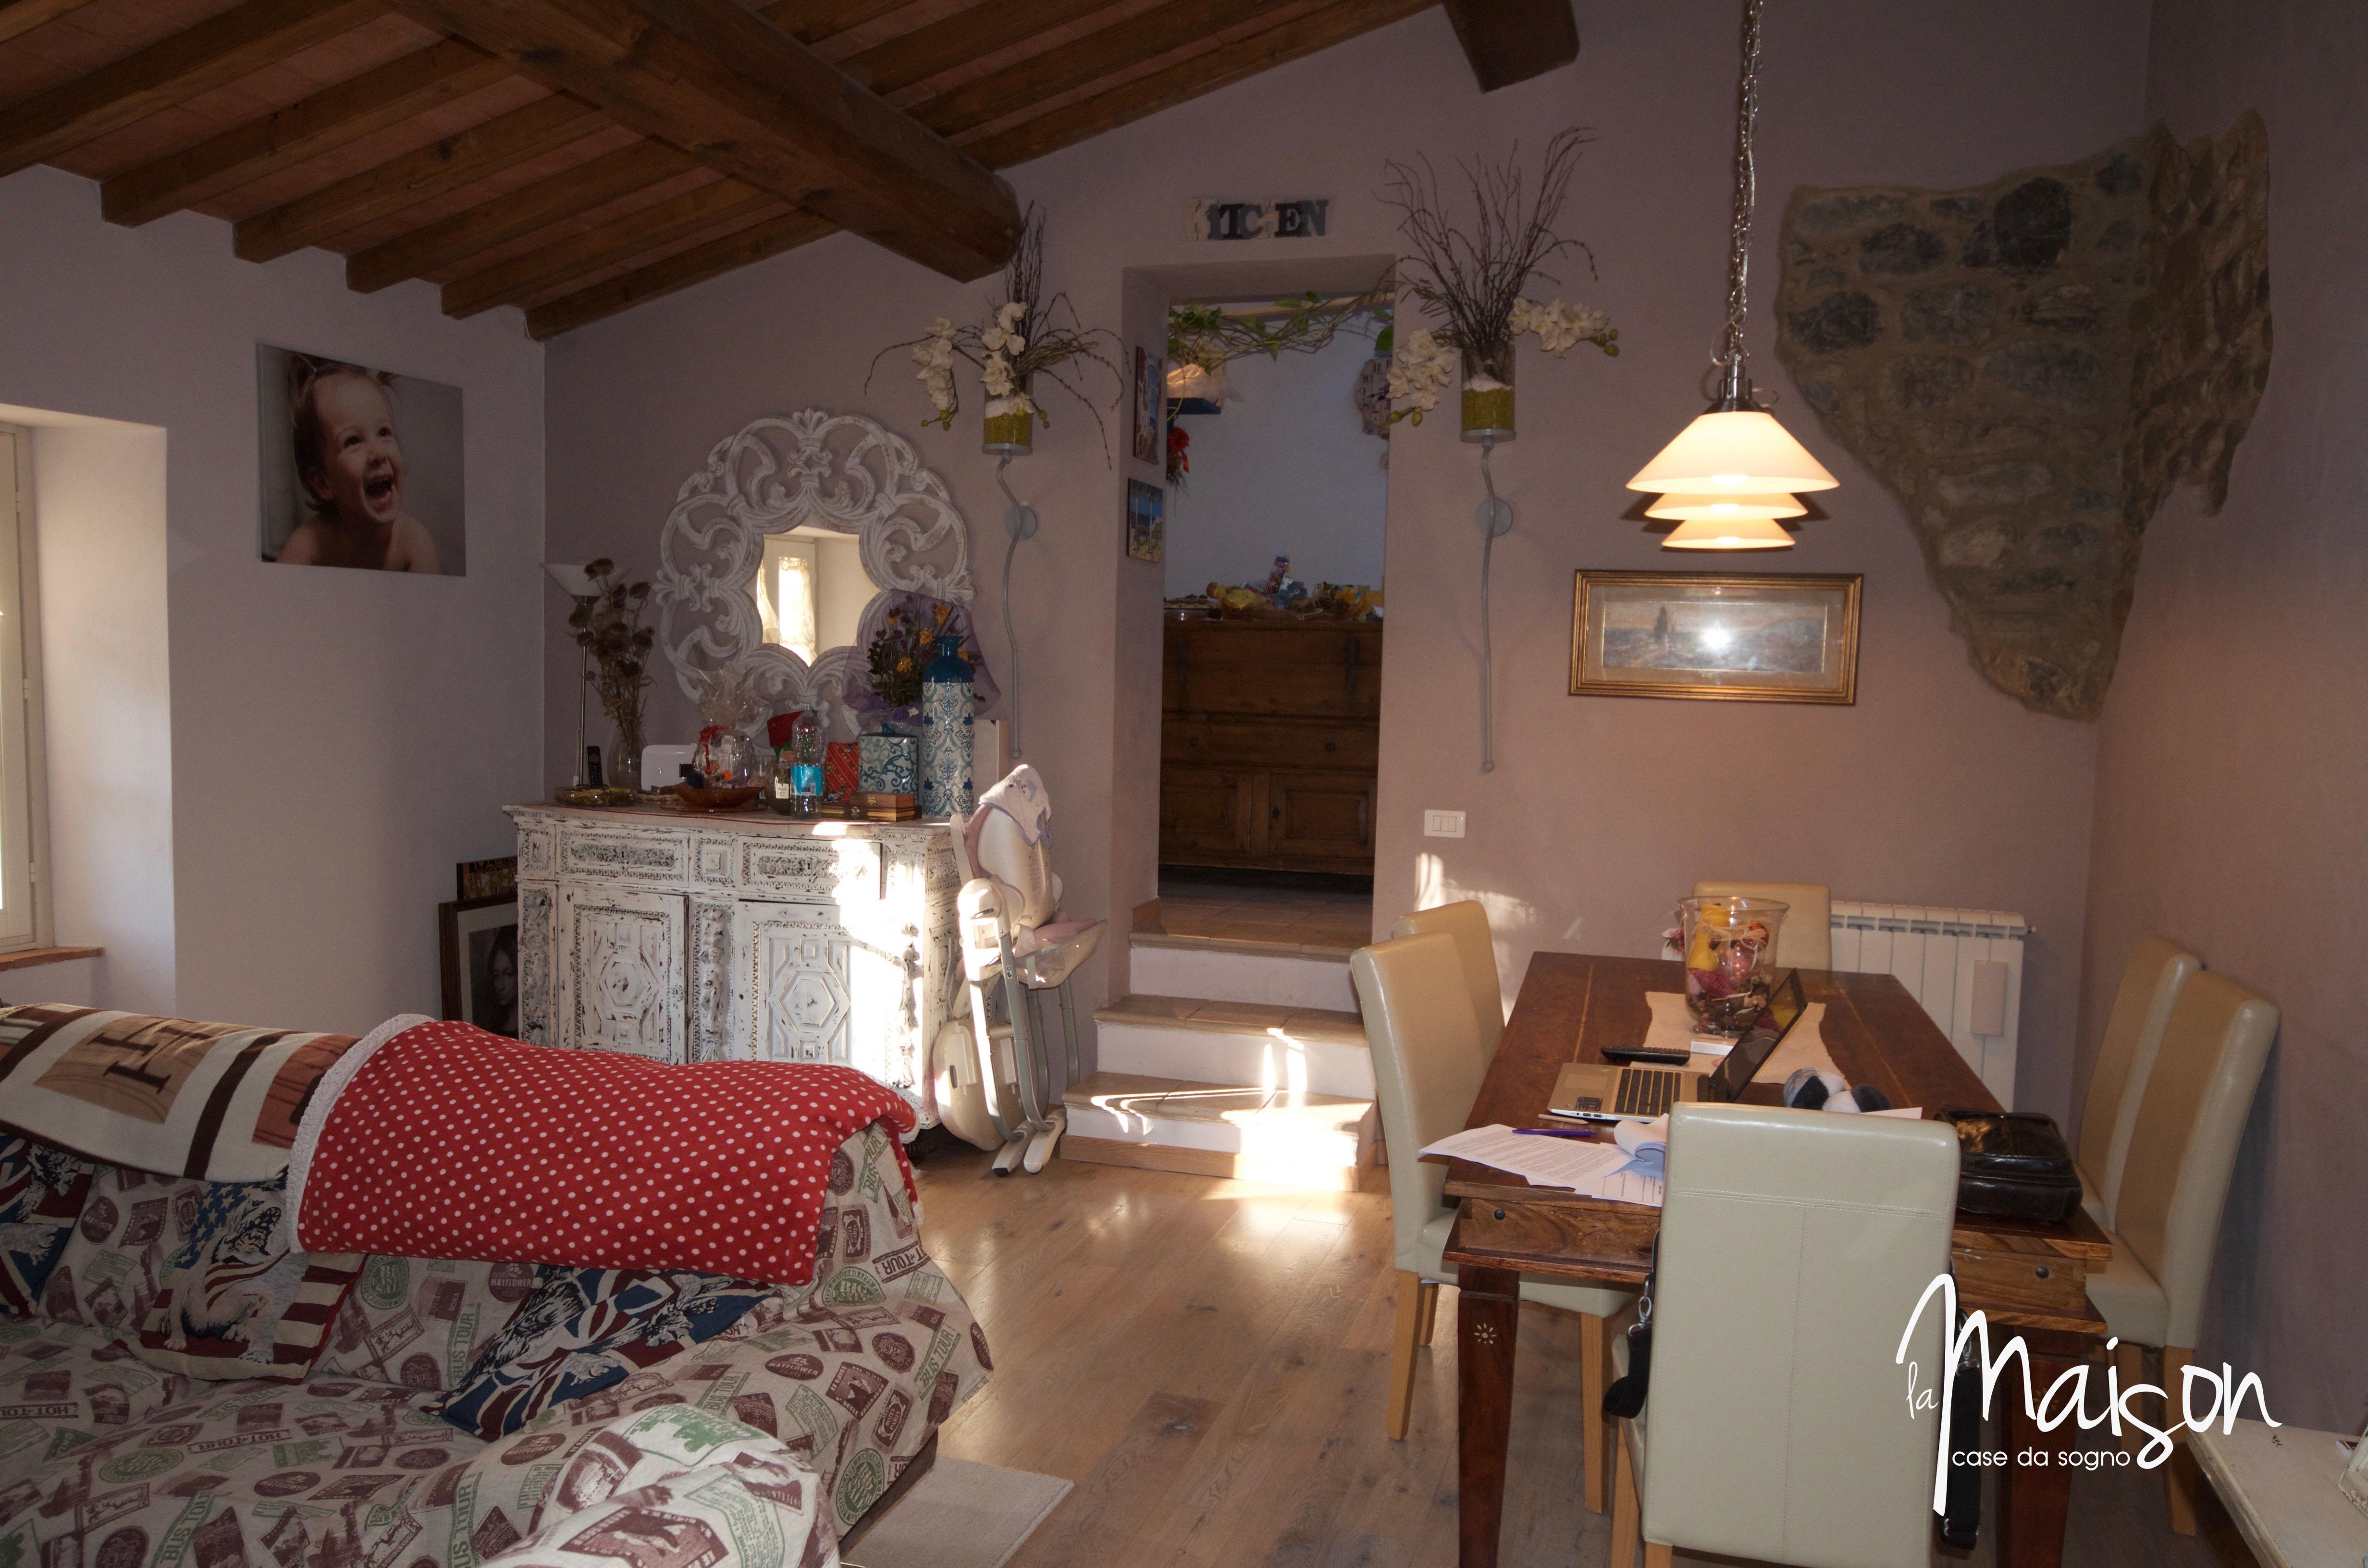 casa vendita vaiano colonica la maison case da sogno agenzia immobiliare prato22 l 39 agenzia 2 0. Black Bedroom Furniture Sets. Home Design Ideas